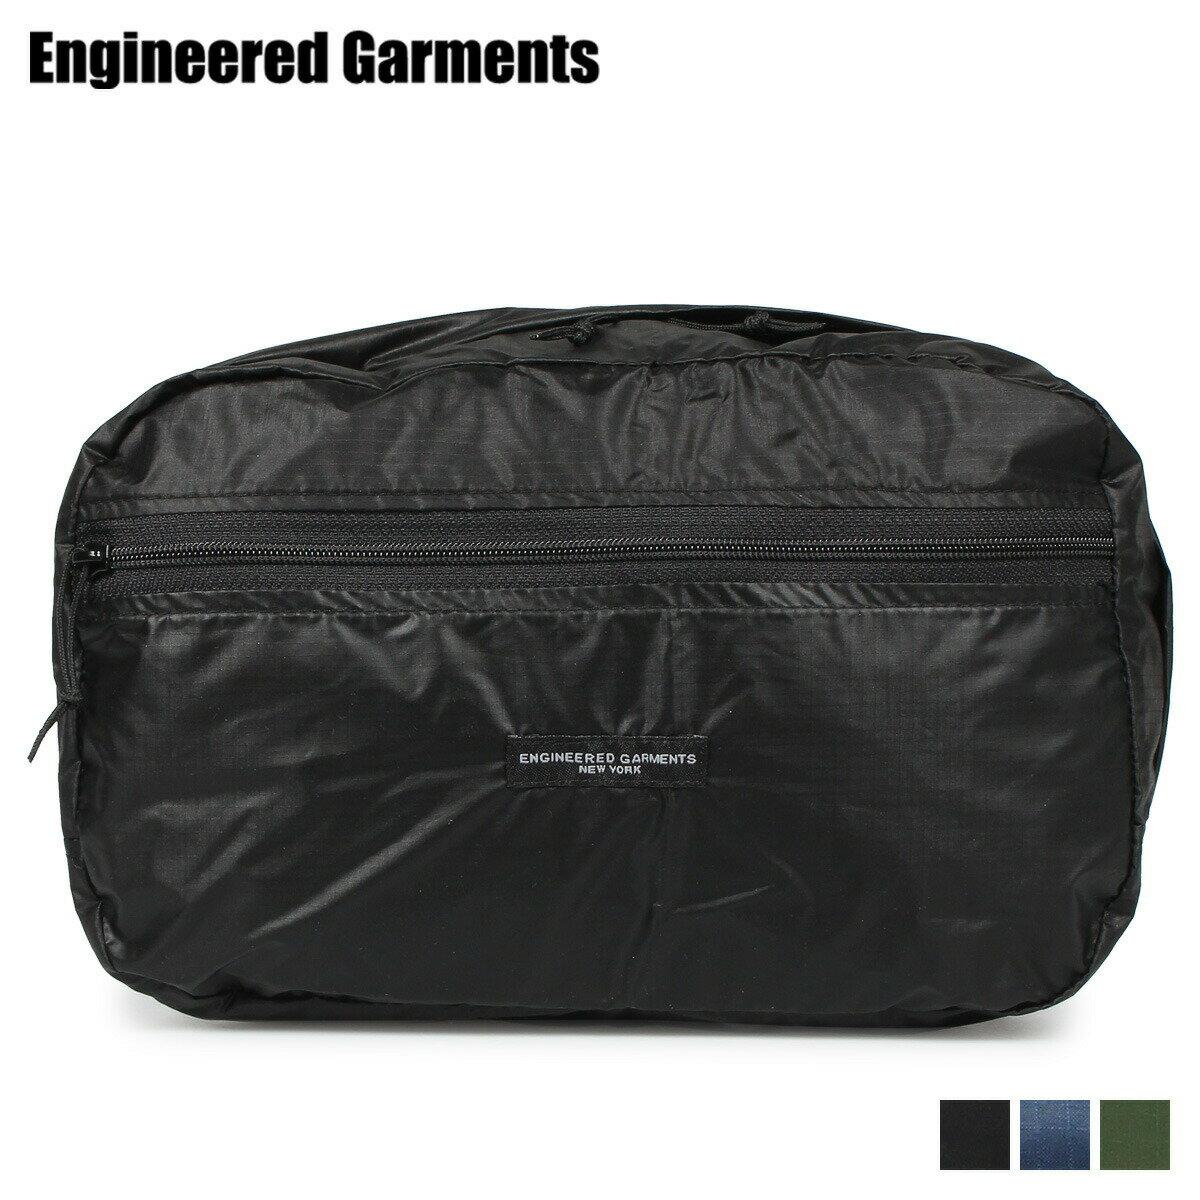 男女兼用バッグ, ボディバッグ・ウエストポーチ 2000OFF ENGINEERED GARMENTS UL WAISTPACK 19FH021